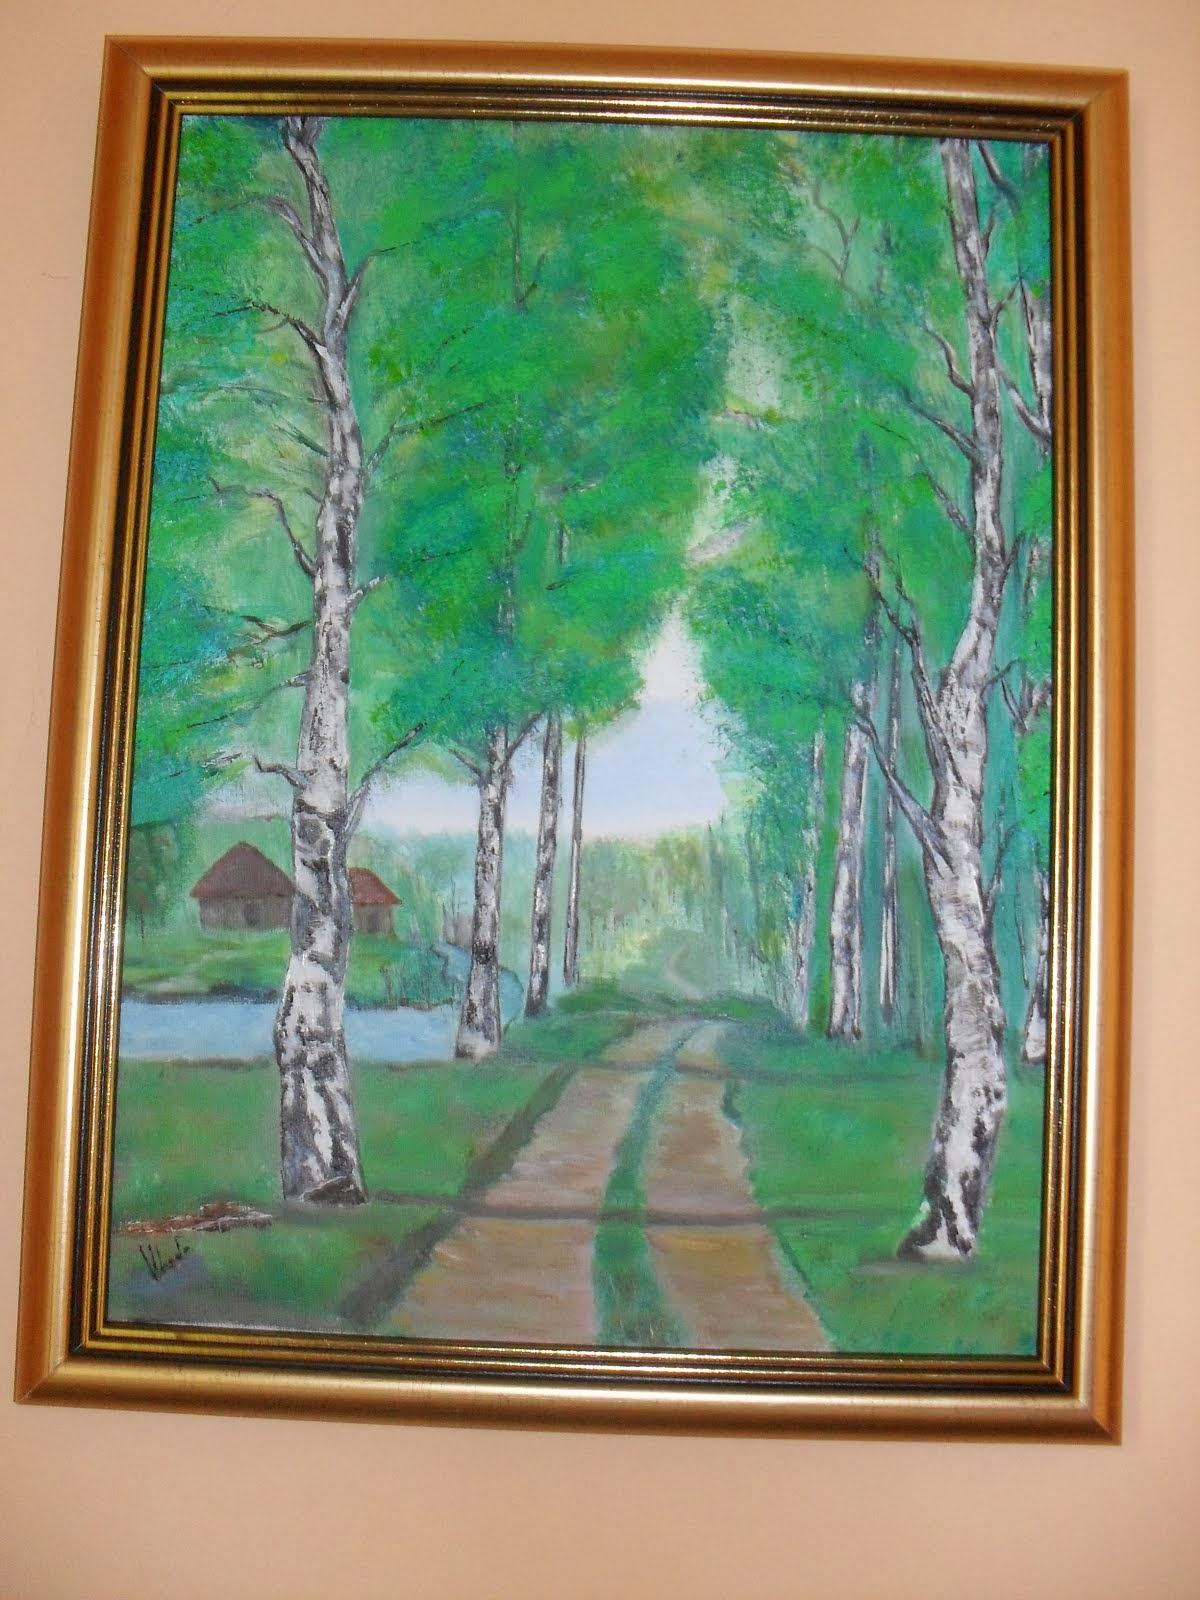 ulje na platnu,umetnička slika-PROLEĆE-Vladisav Bogicevic slikar Luna-Nis